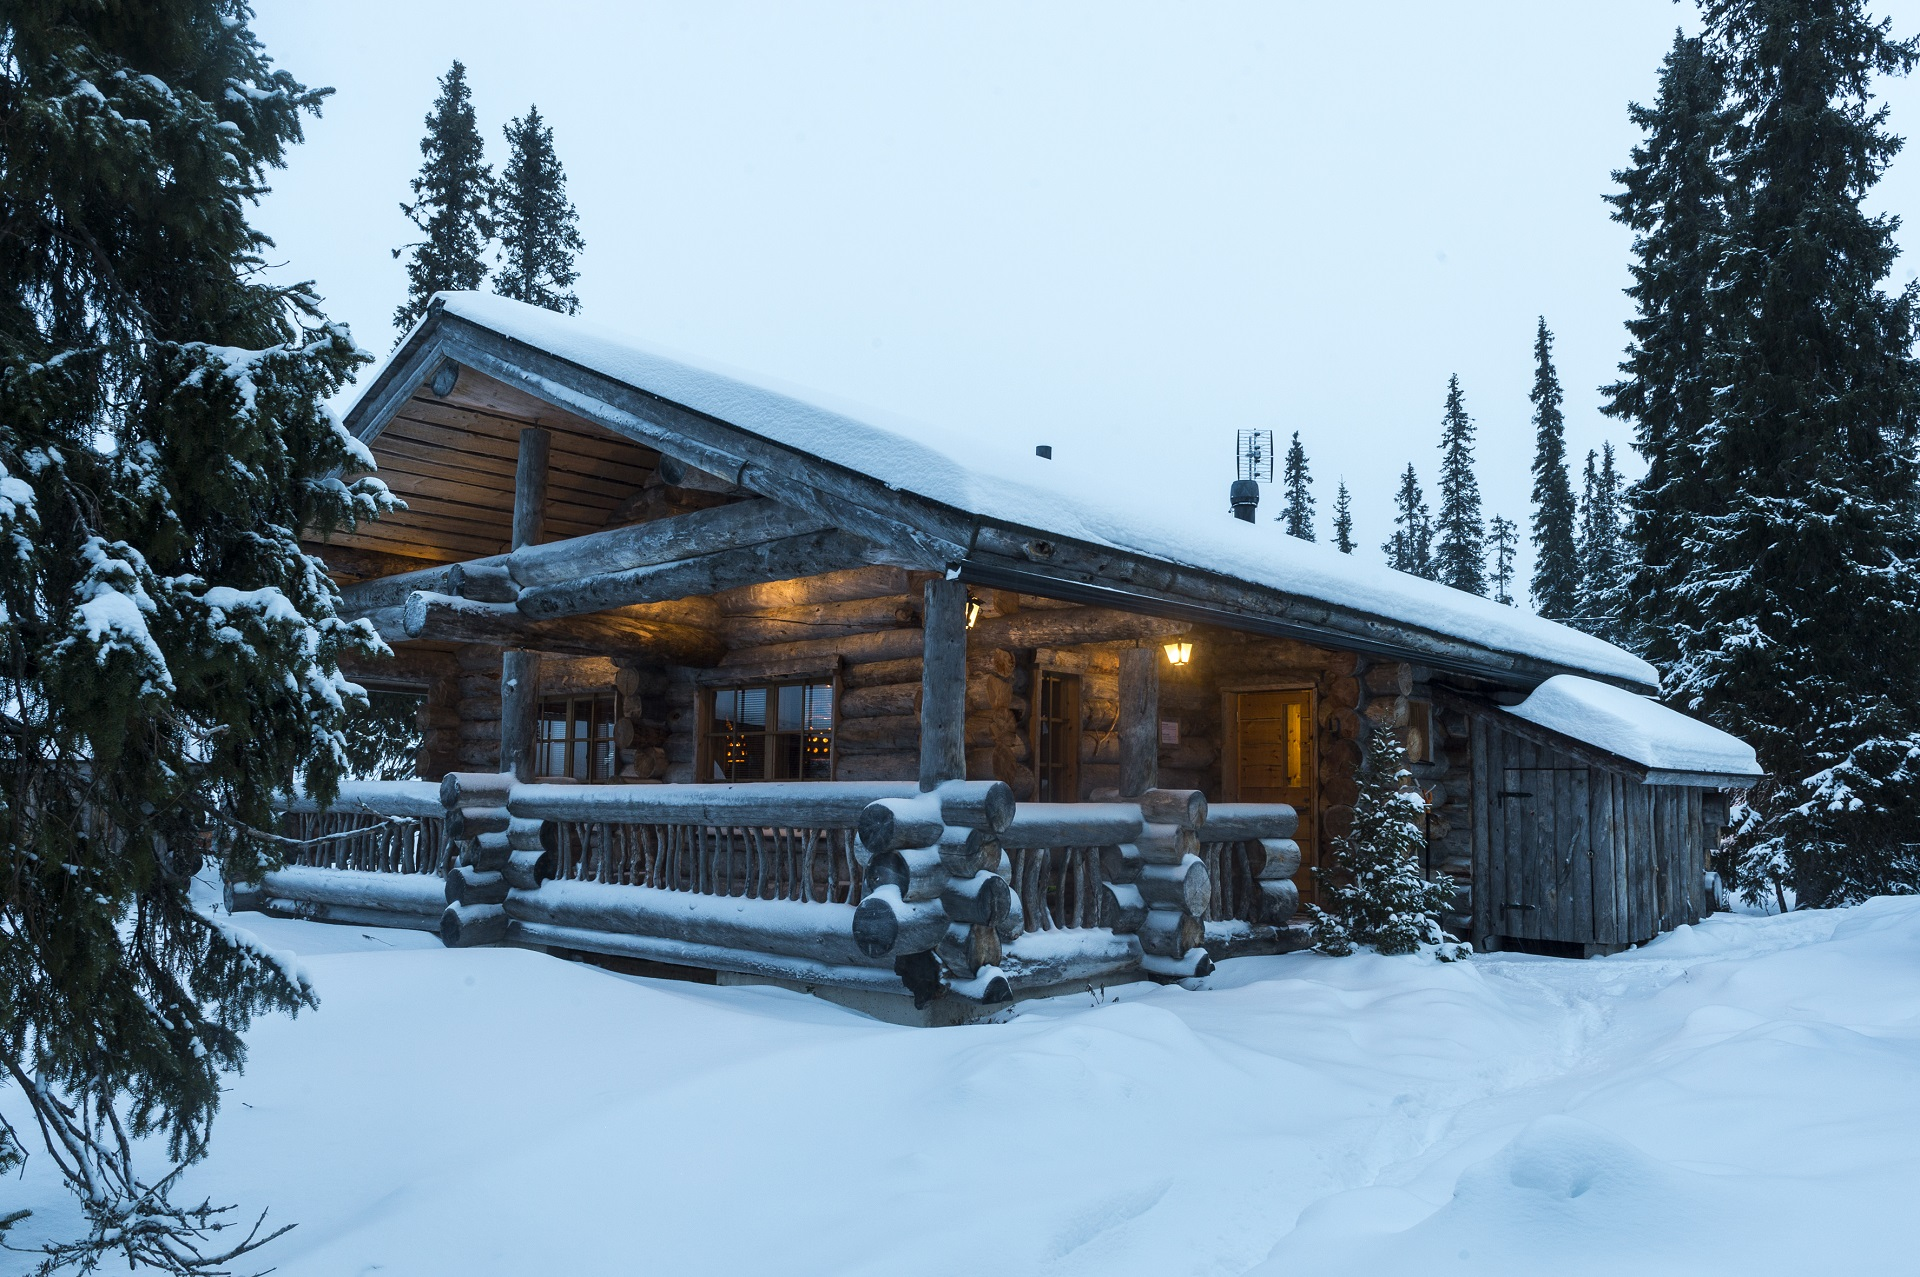 ruka chalets blockhaus d sandozconcept winterreisen. Black Bedroom Furniture Sets. Home Design Ideas